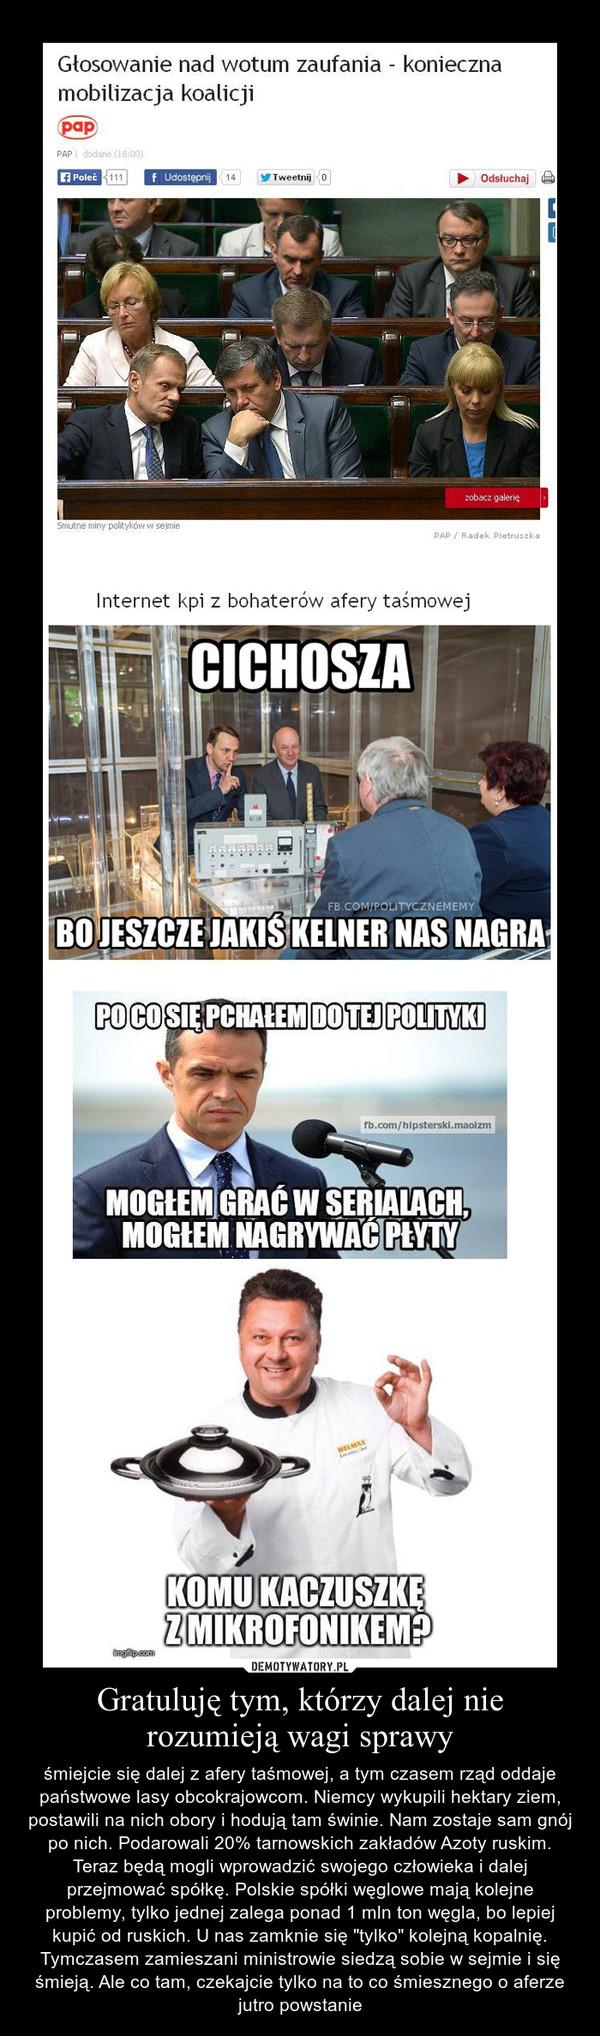 """Gratuluję tym, którzy dalej nie rozumieją wagi sprawy – śmiejcie się dalej z afery taśmowej, a tym czasem rząd oddaje państwowe lasy obcokrajowcom. Niemcy wykupili hektary ziem, postawili na nich obory i hodują tam świnie. Nam zostaje sam gnój po nich. Podarowali 20% tarnowskich zakładów Azoty ruskim. Teraz będą mogli wprowadzić swojego człowieka i dalej przejmować spółkę. Polskie spółki węglowe mają kolejne problemy, tylko jednej zalega ponad 1 mln ton węgla, bo lepiej kupić od ruskich. U nas zamknie się """"tylko"""" kolejną kopalnię. Tymczasem zamieszani ministrowie siedzą sobie w sejmie i się śmieją. Ale co tam, czekajcie tylko na to co śmiesznego o aferze jutro powstanie"""